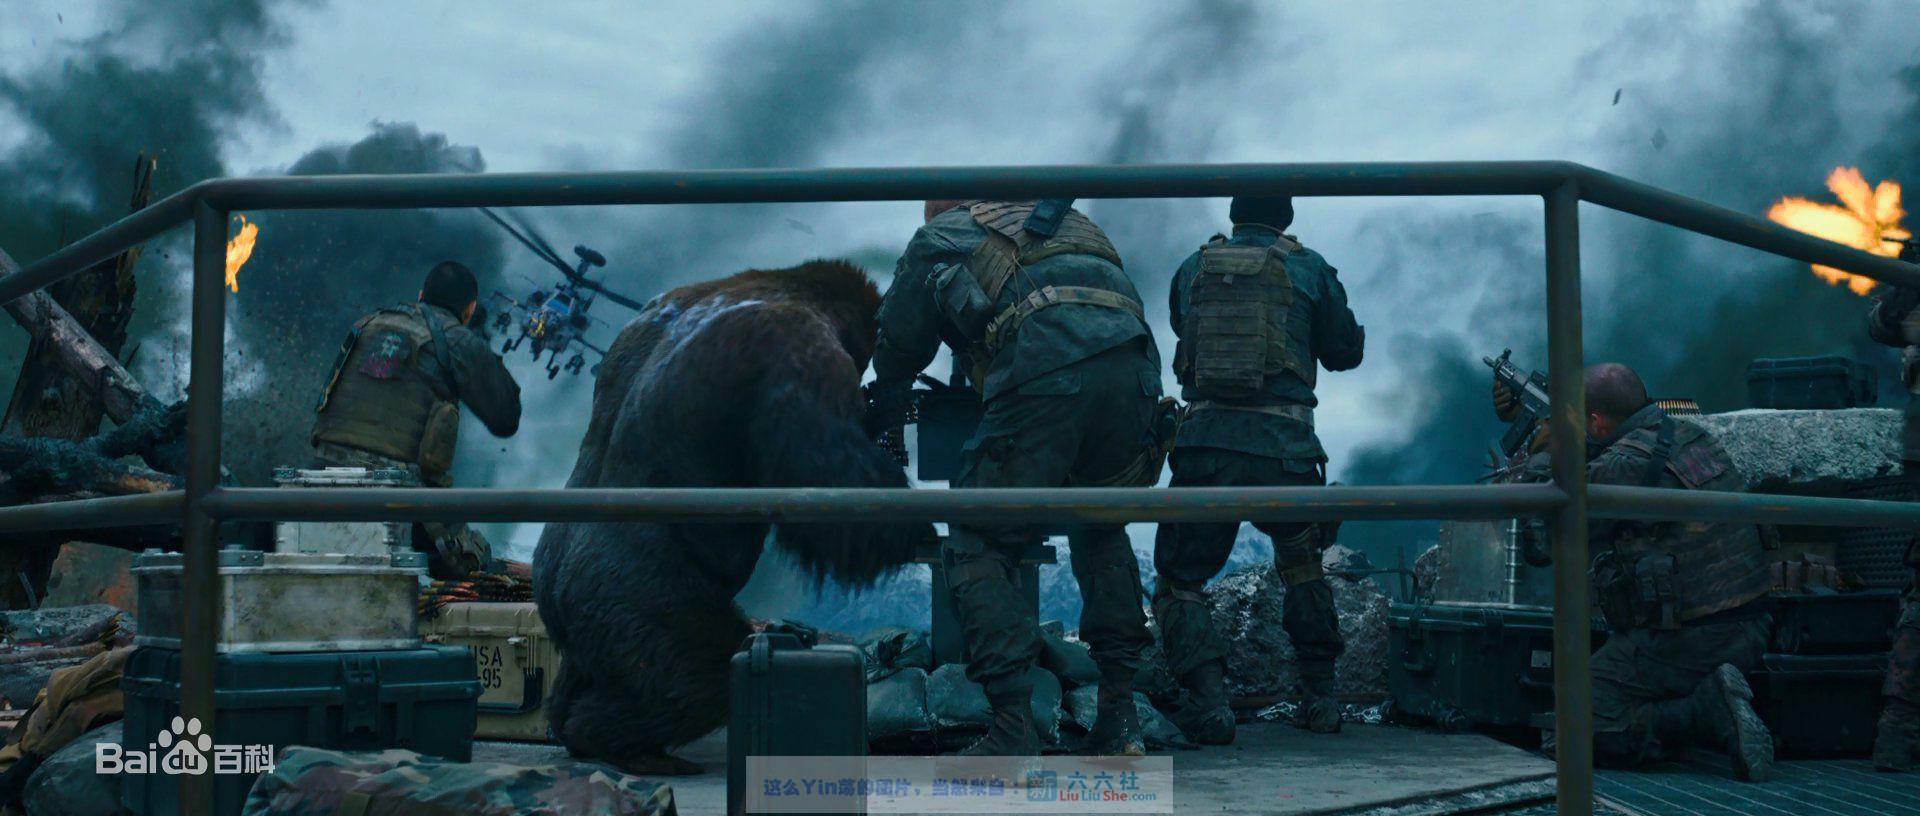 每日推荐:猩球崛起3:终极之战 War for the Planet of the Apes (2017) liuliushe.net六六社 第7张